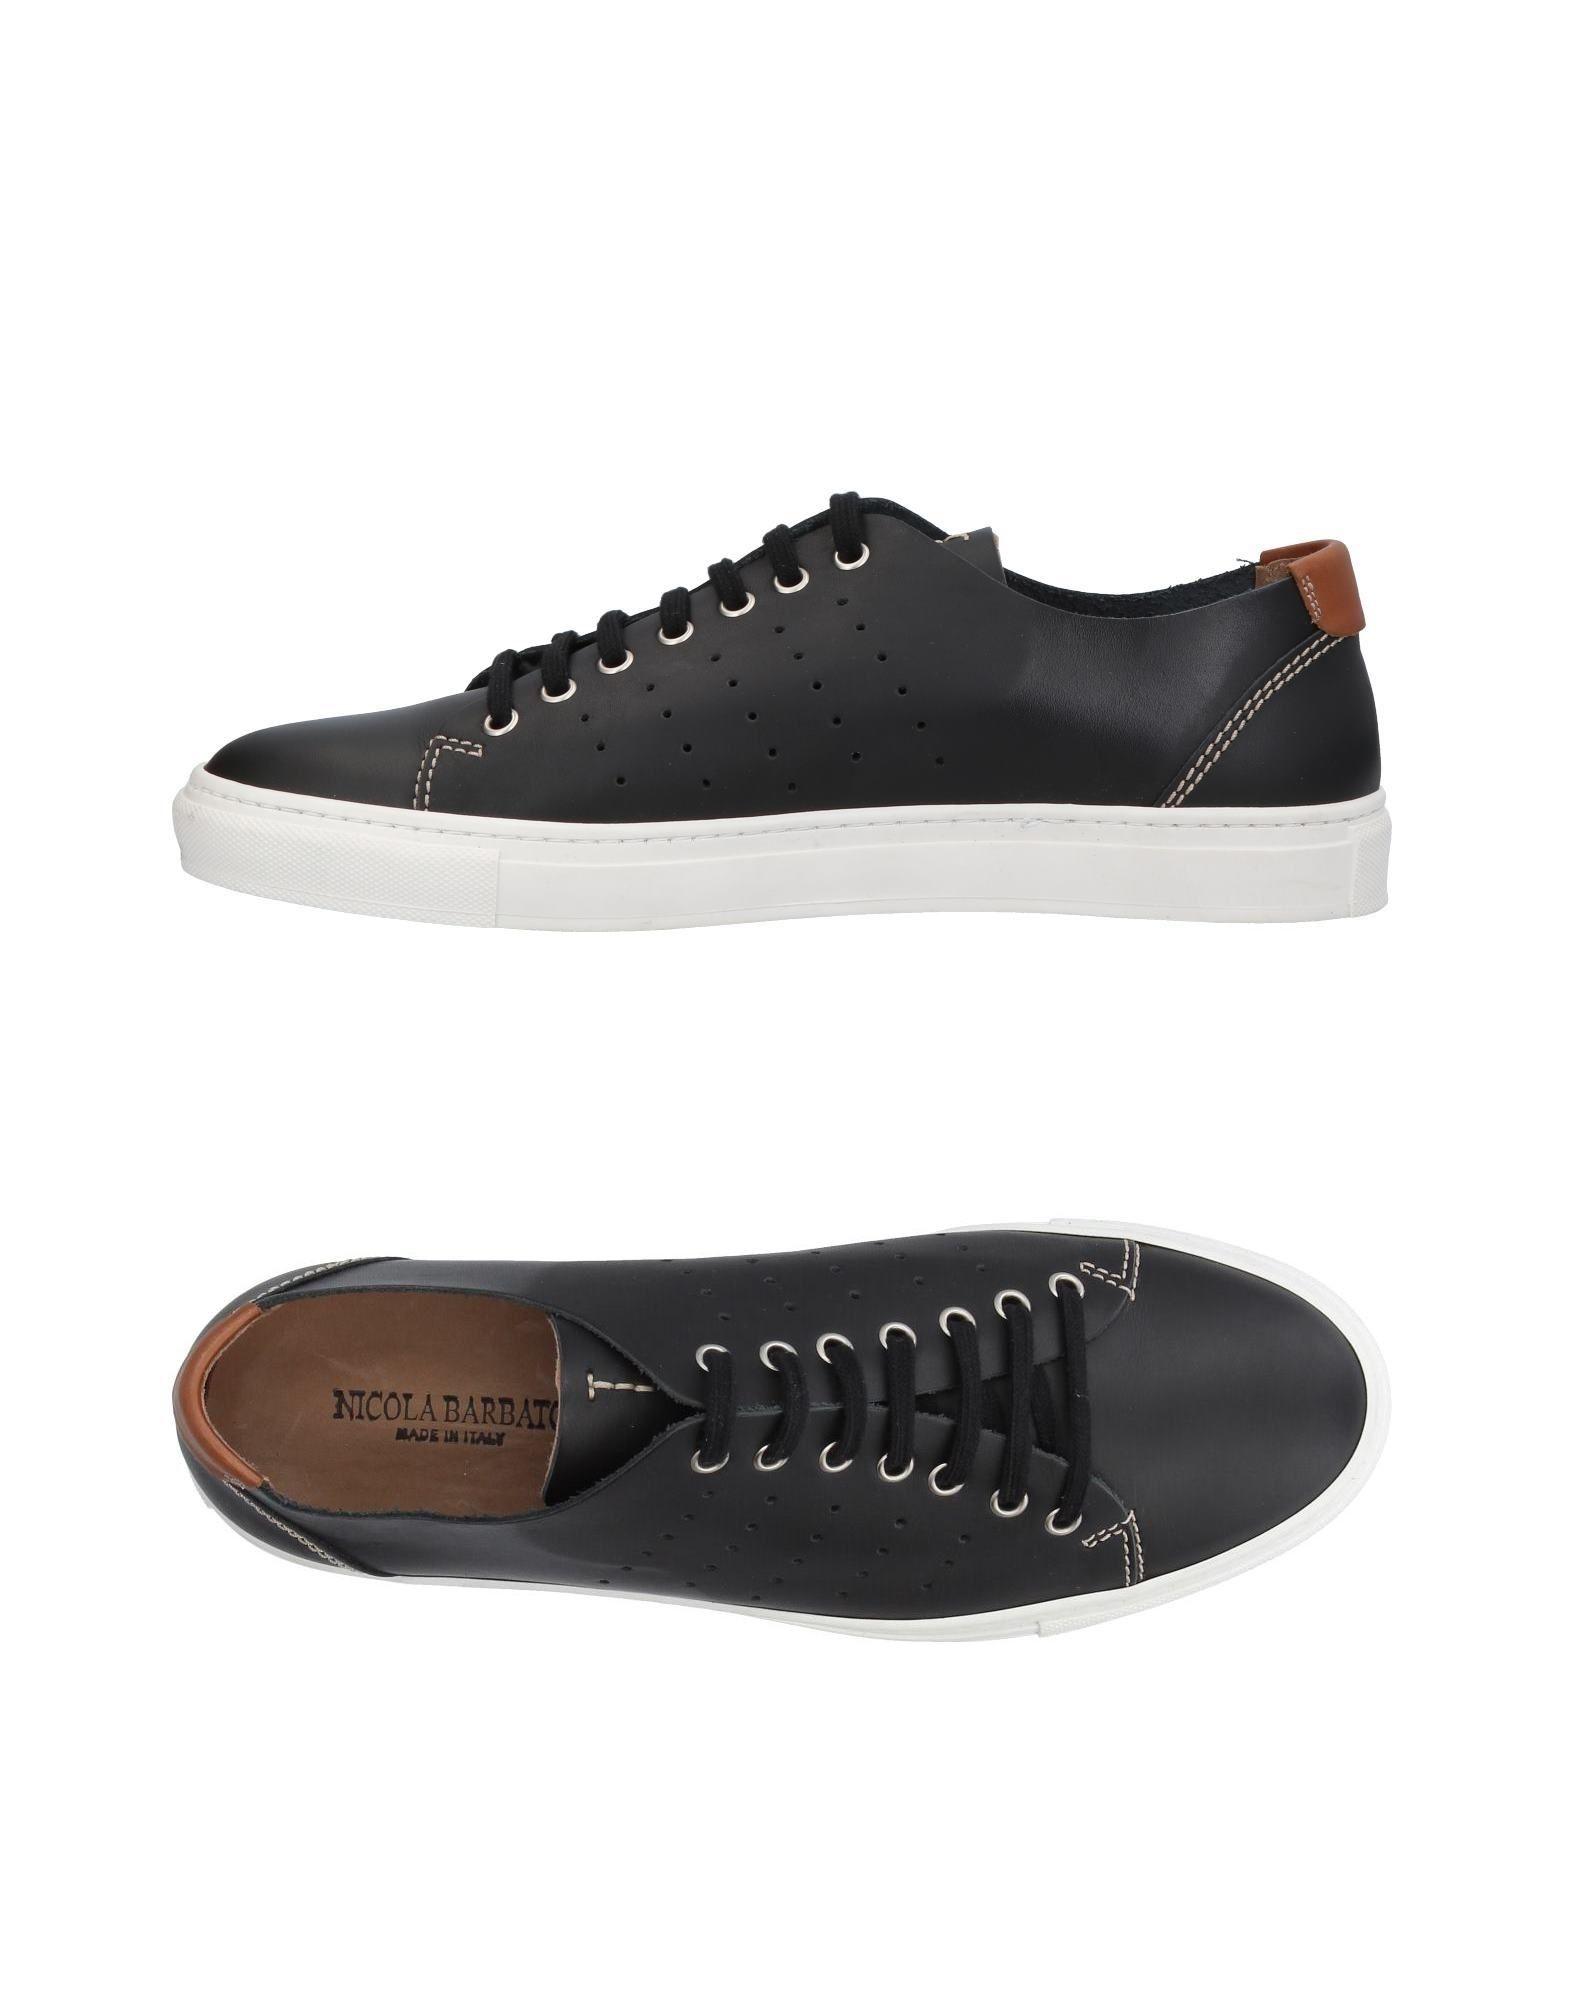 FOOTWEAR - High-tops & sneakers Nicola Barbato GQftSkMsf9